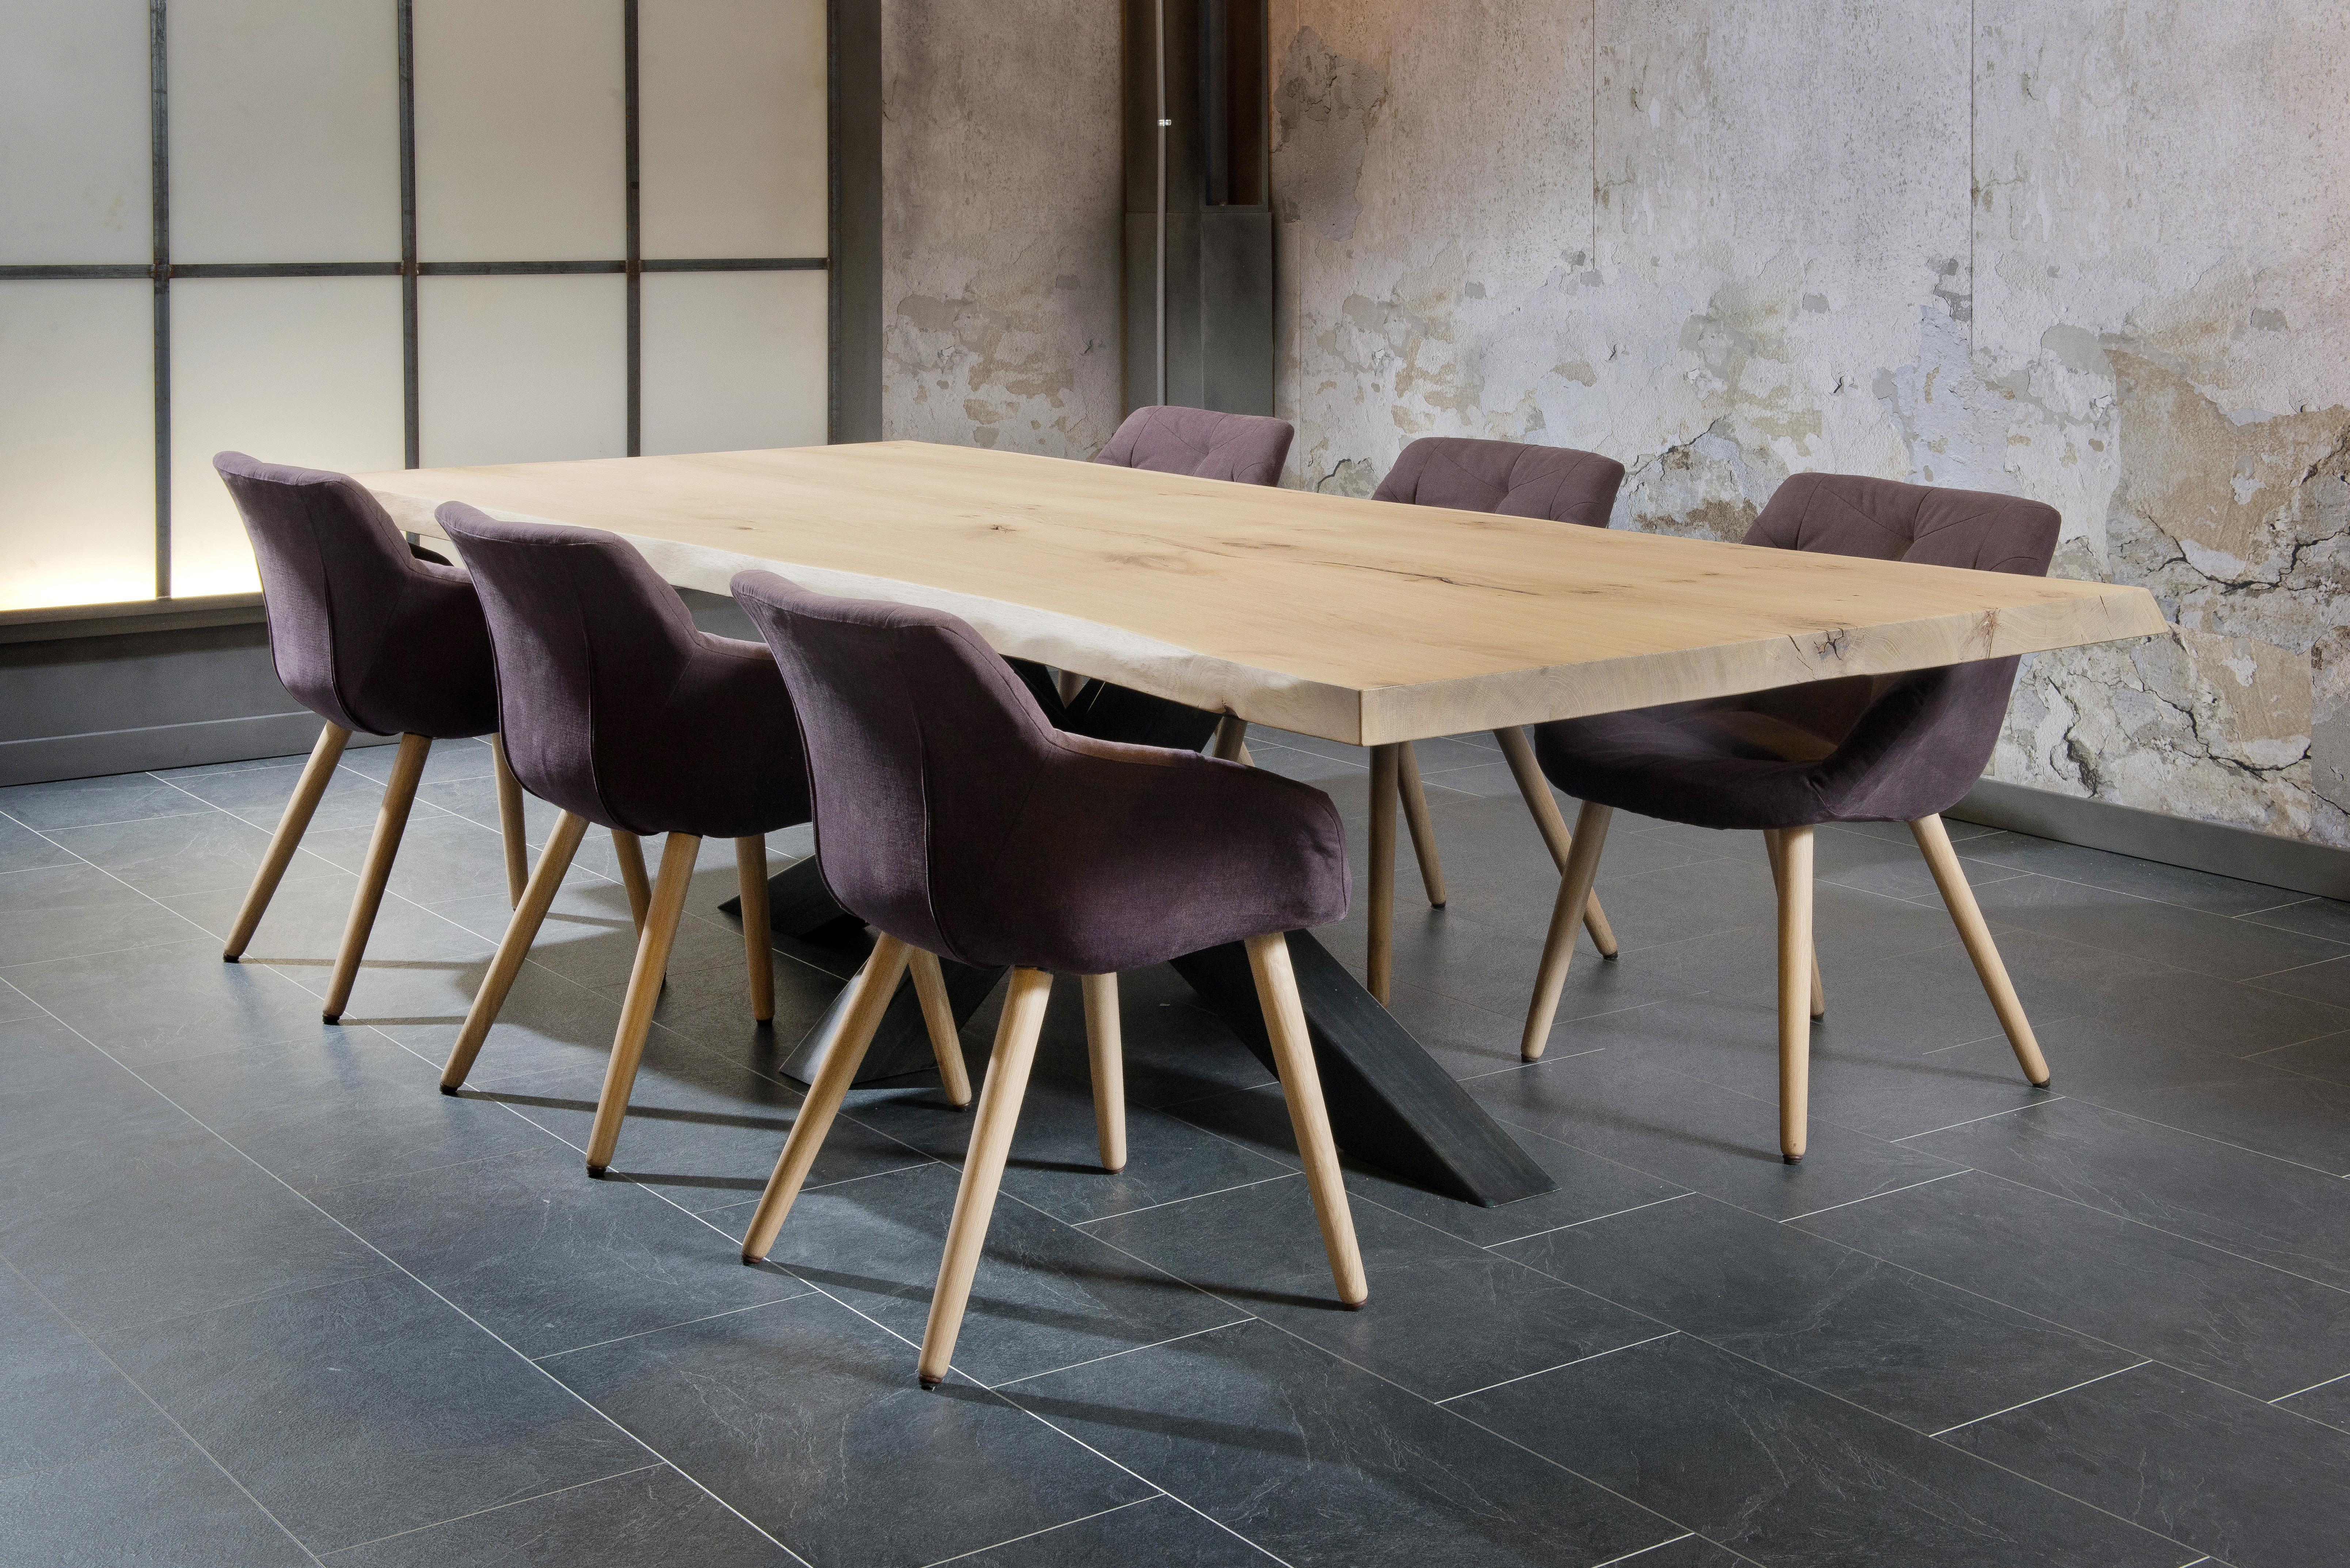 Table À Manger Industrielle salle a manger industriel pied metal plateau bois chêne massif